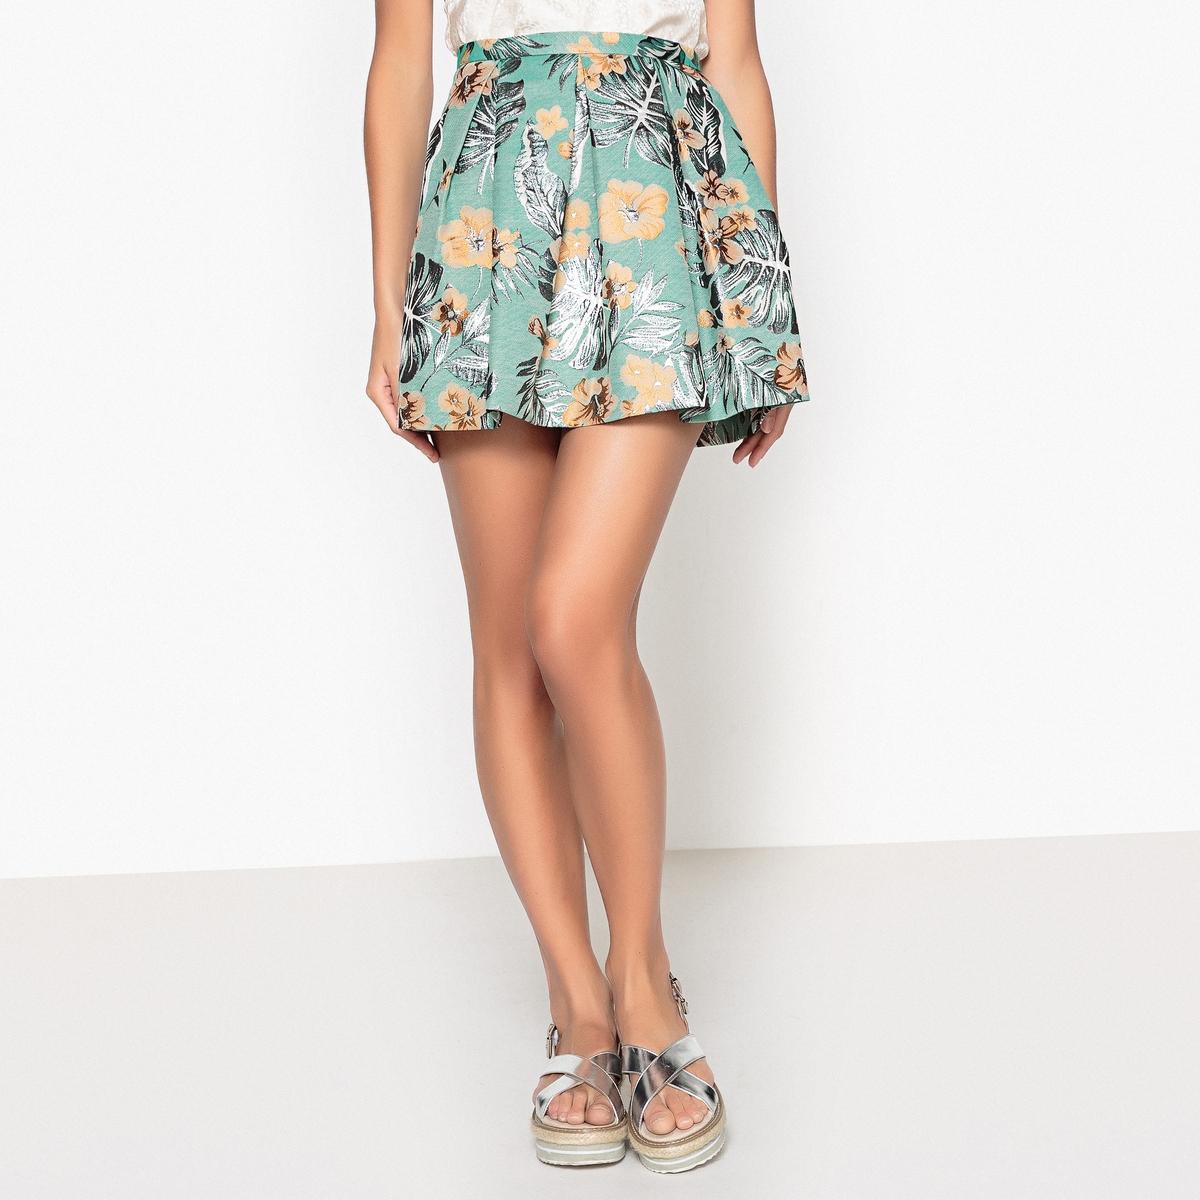 Юбка расклешенная с рисунком CRYSALIDE юбка расклешённая с рисунком crysalide